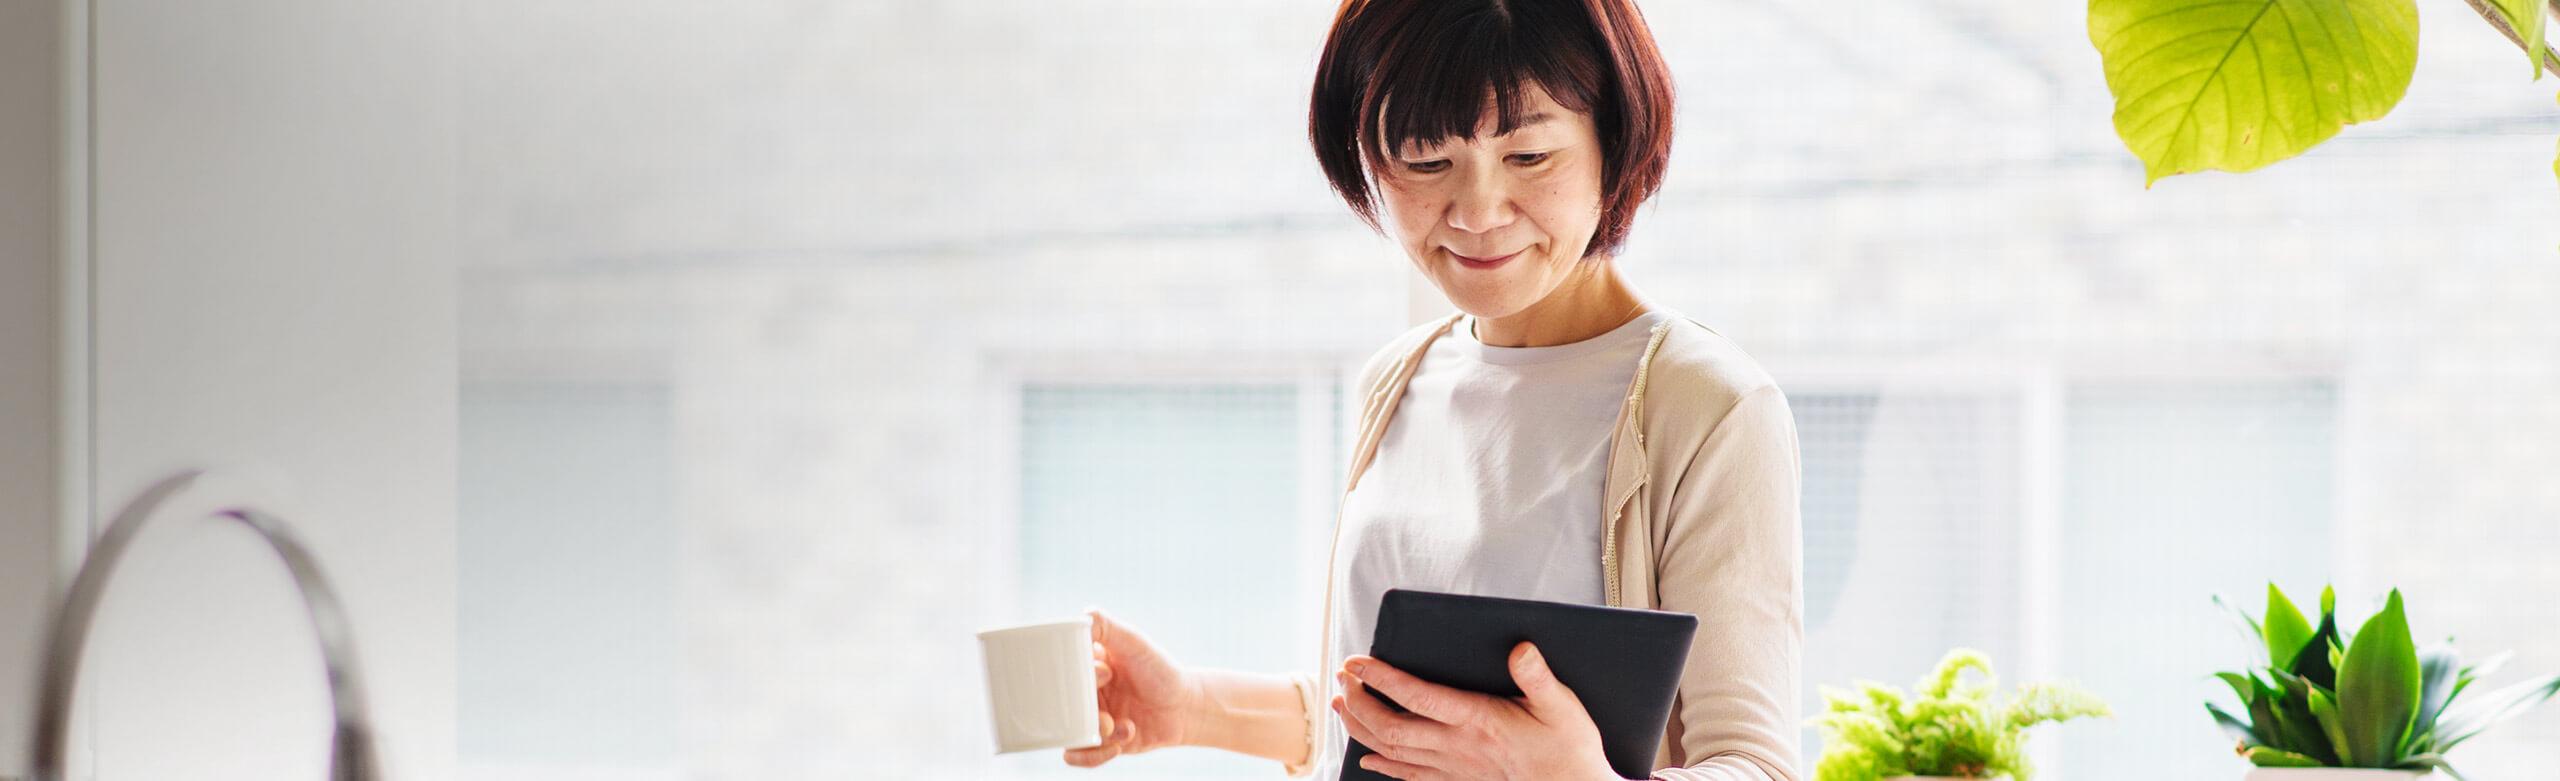 Una donna tiene in mano una tazza di caffè e un tablet